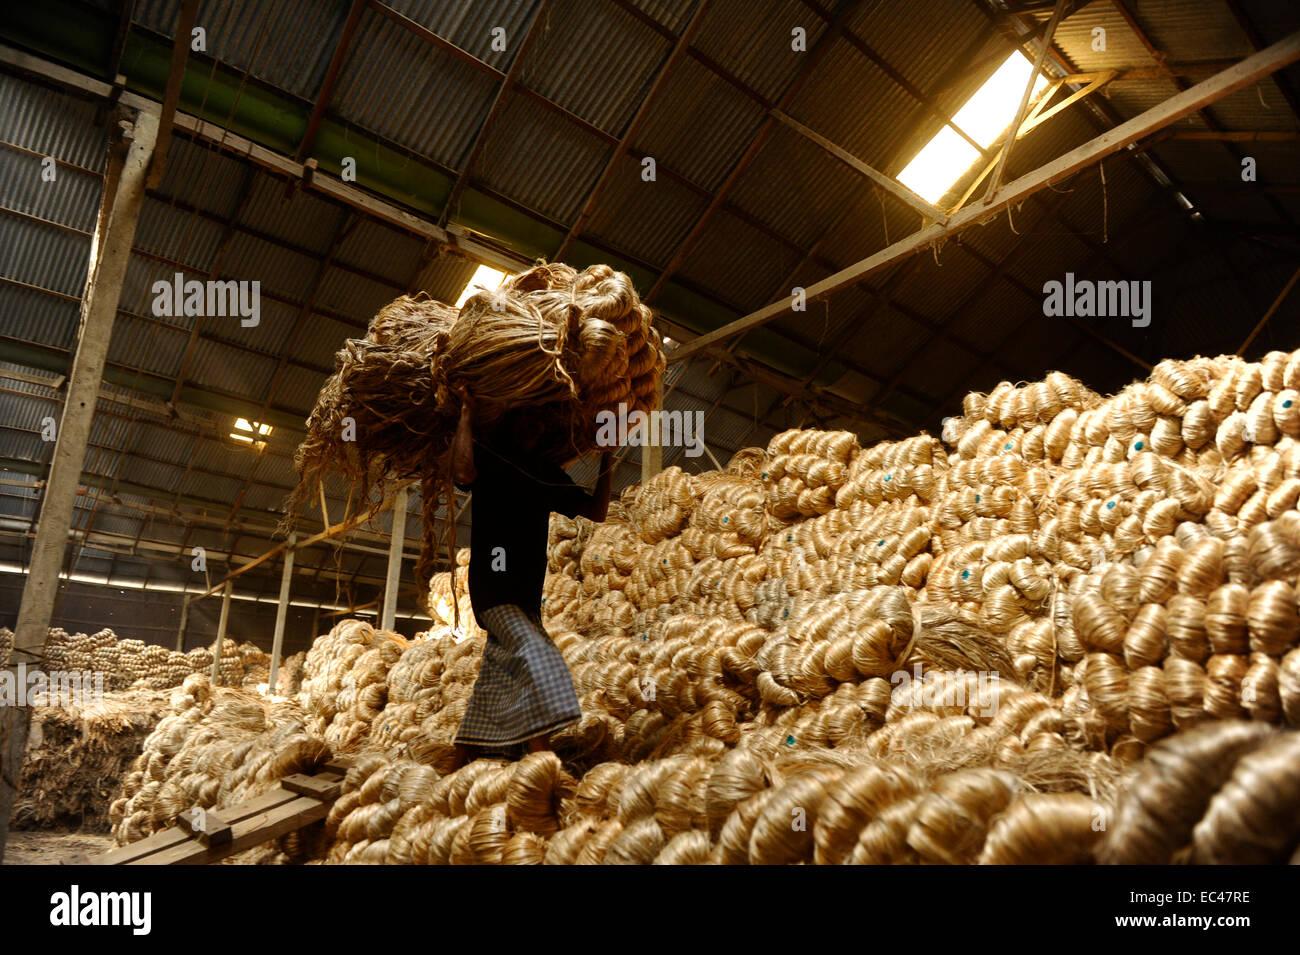 b077116f0 Un obrero dentro de la fábrica del yute en Bangladesh. Yute crece  naturalmente en el suelo fértil de Bangladesh, es por ello que también es  llamado el